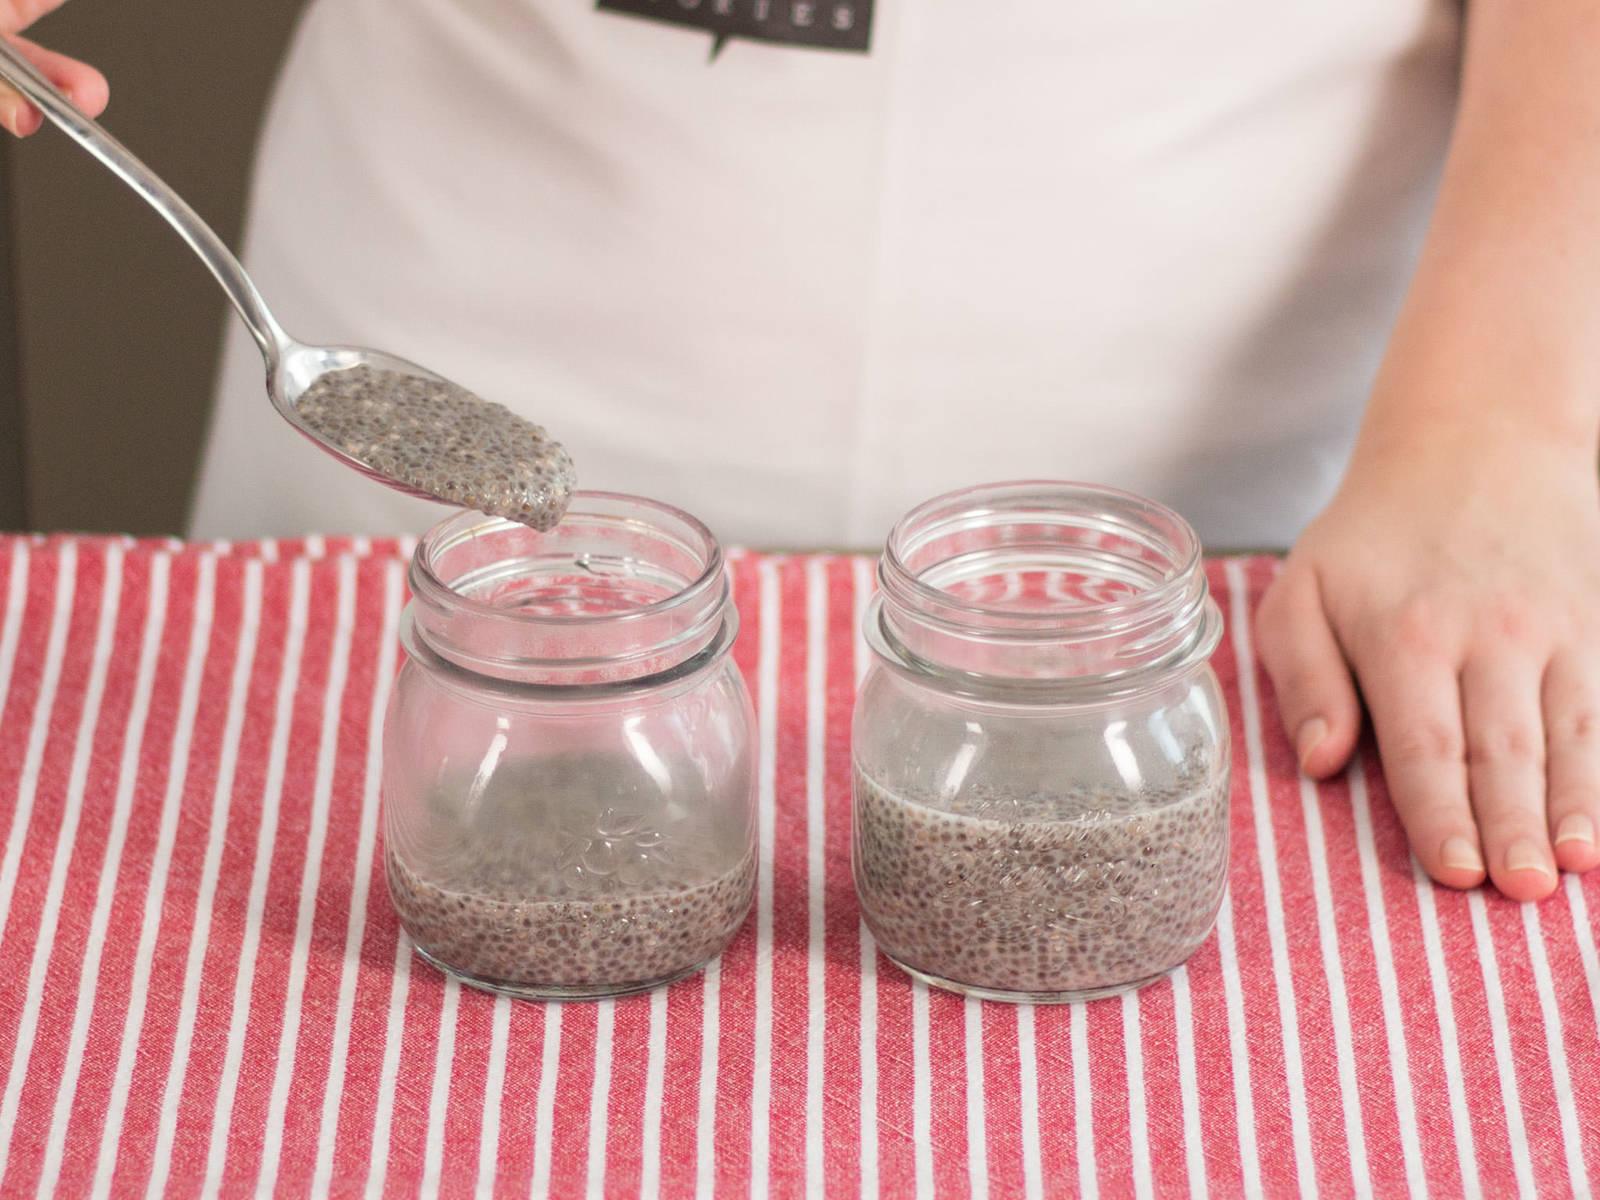 将奇亚籽布丁挖出,放到布丁罐中。